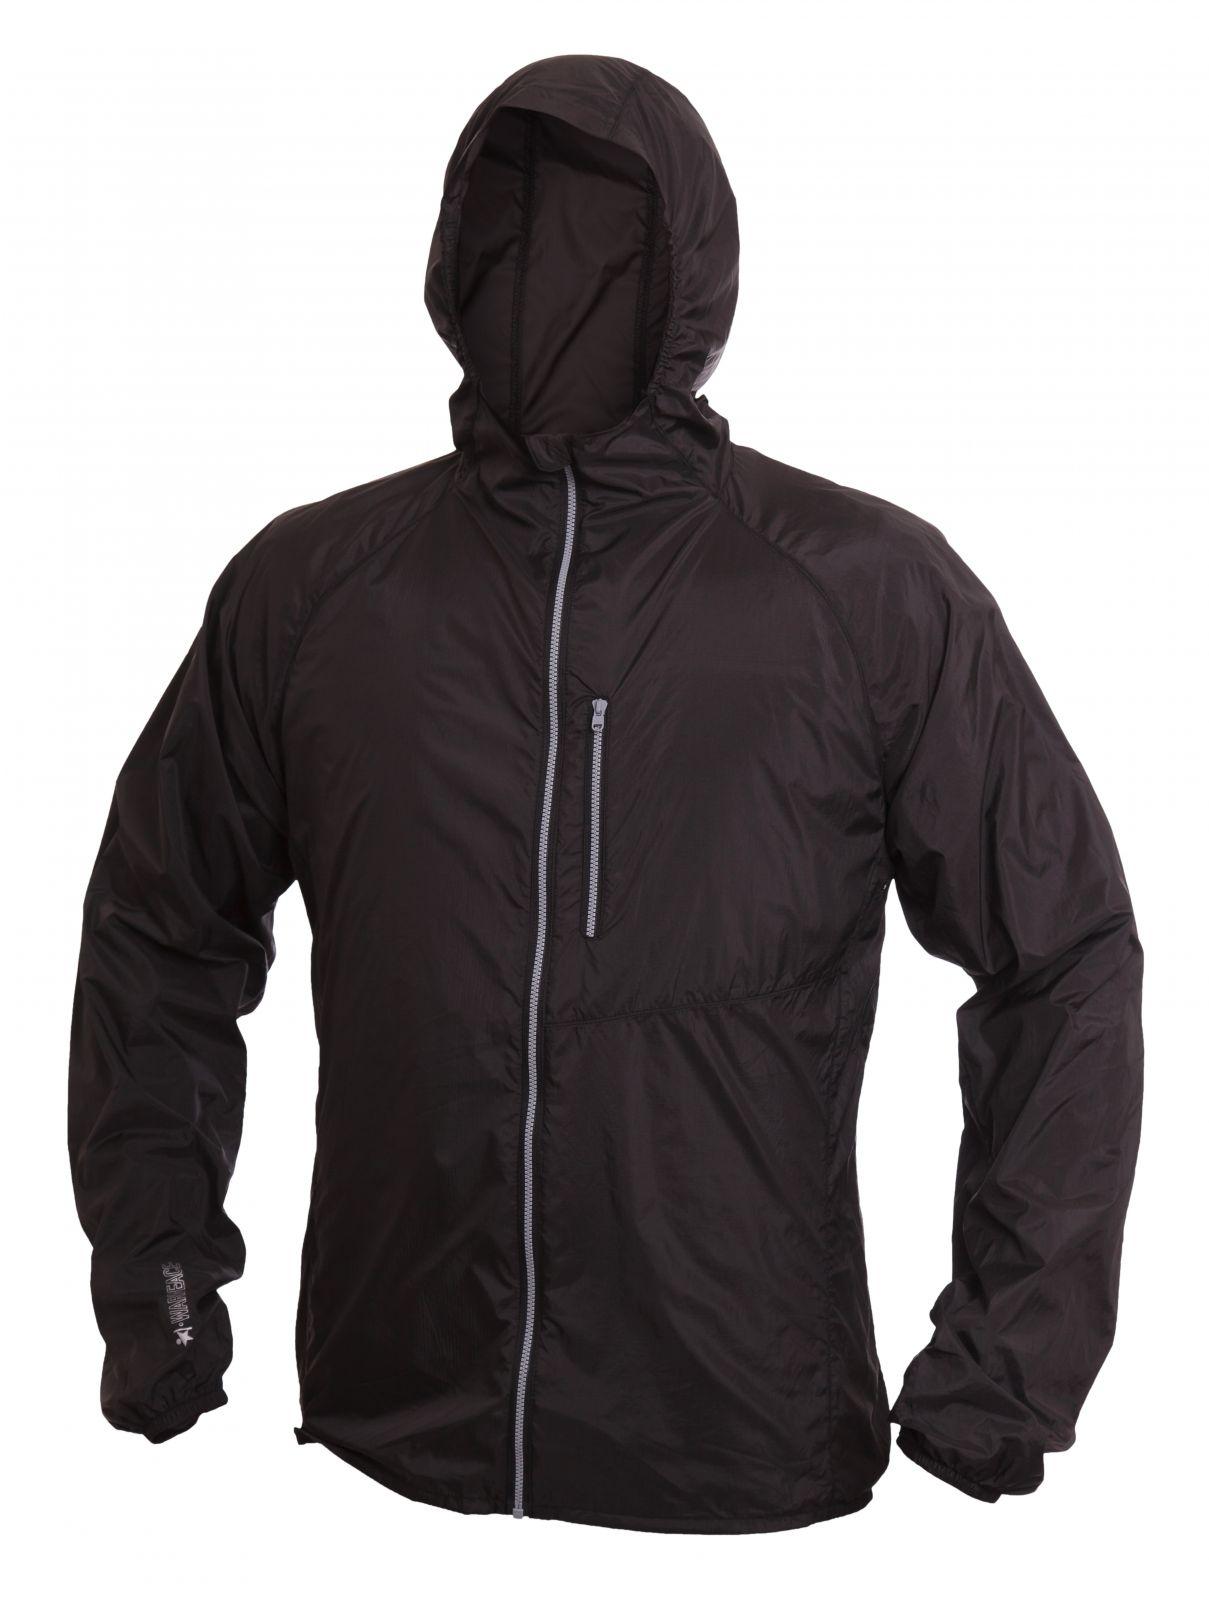 Tazz-Sport - Warmpeace Forte raven black ultralehká bunda celopropínací Unisex